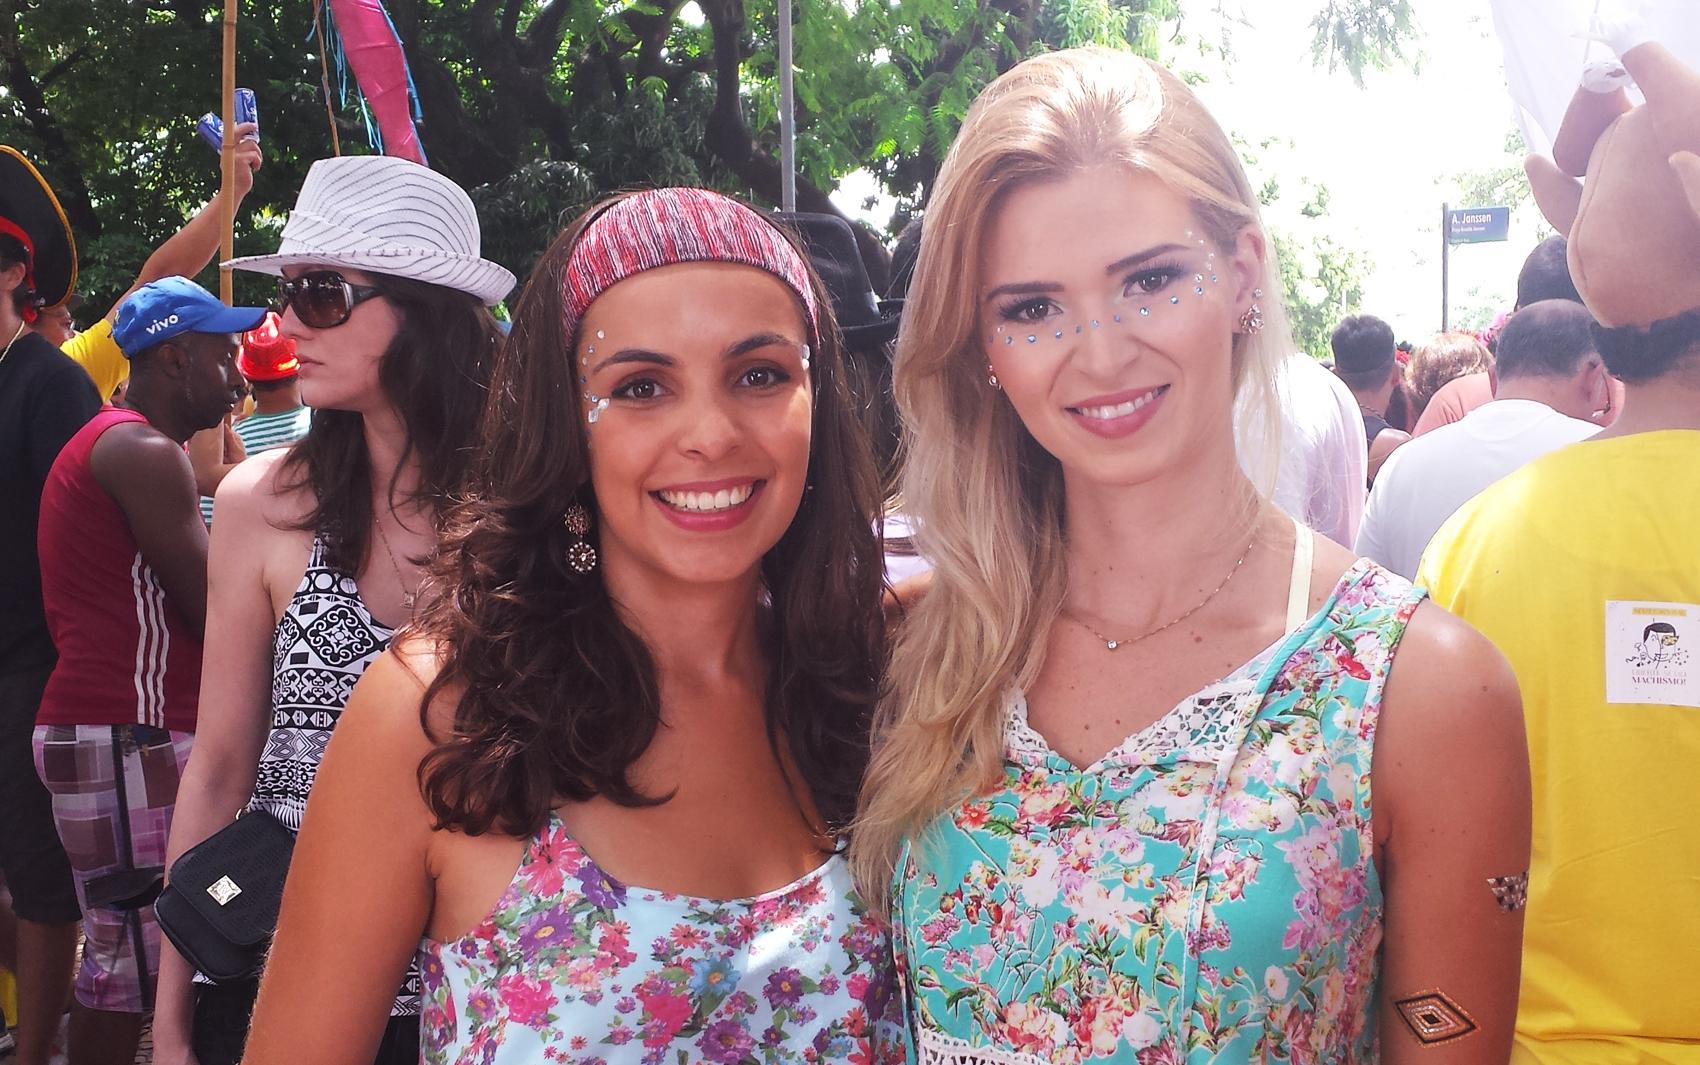 17/02 - As musas anônimas embelezam o carnaval de Belo Horizonte